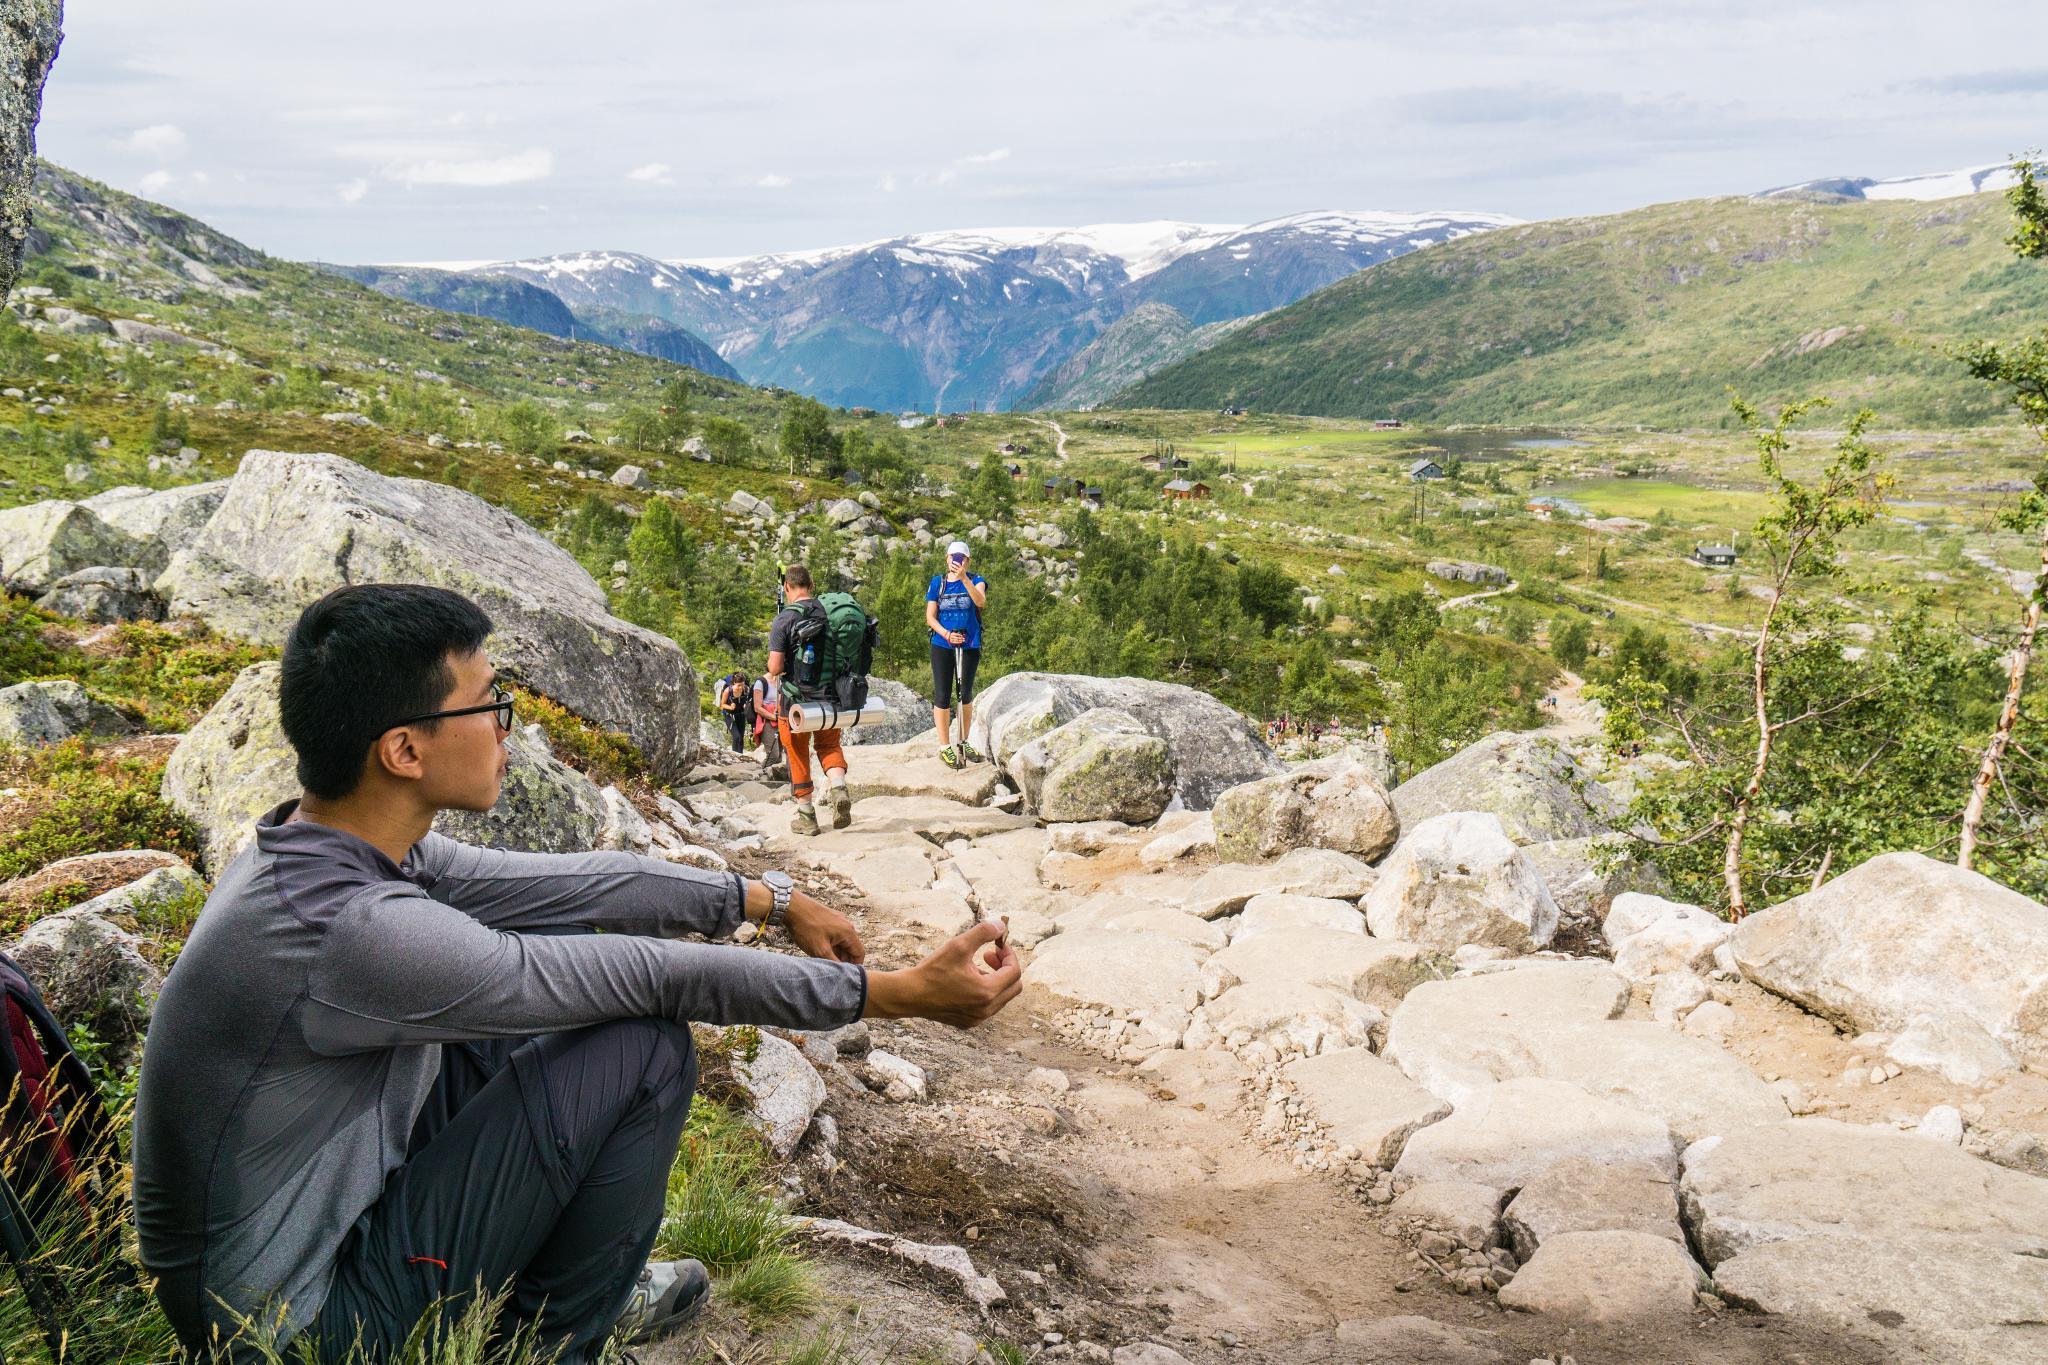 【北歐景點】挪威惡魔之舌 Trolltunga — 28公里健行挑戰全攻略 191